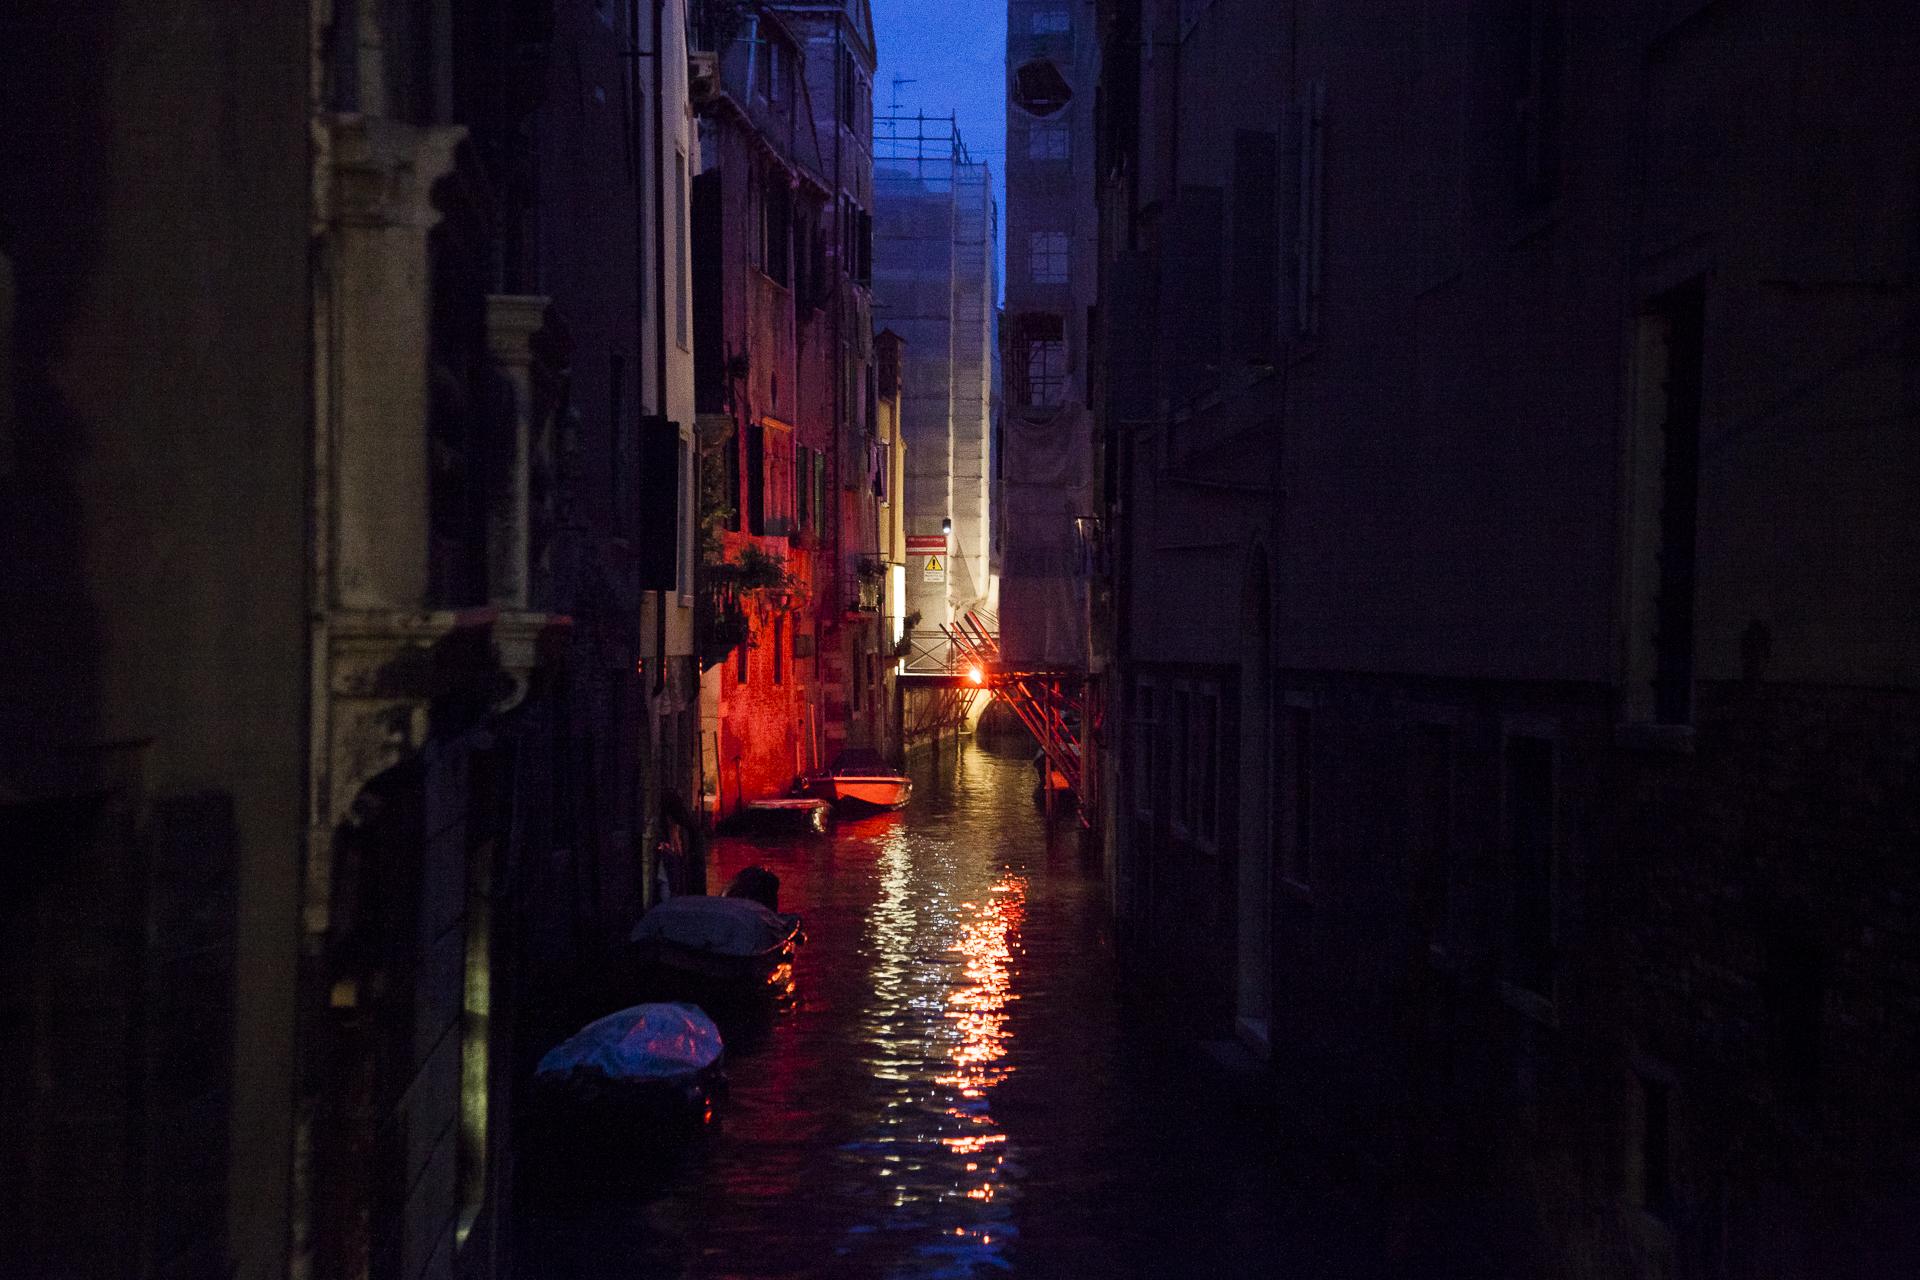 venezia-0014.jpg